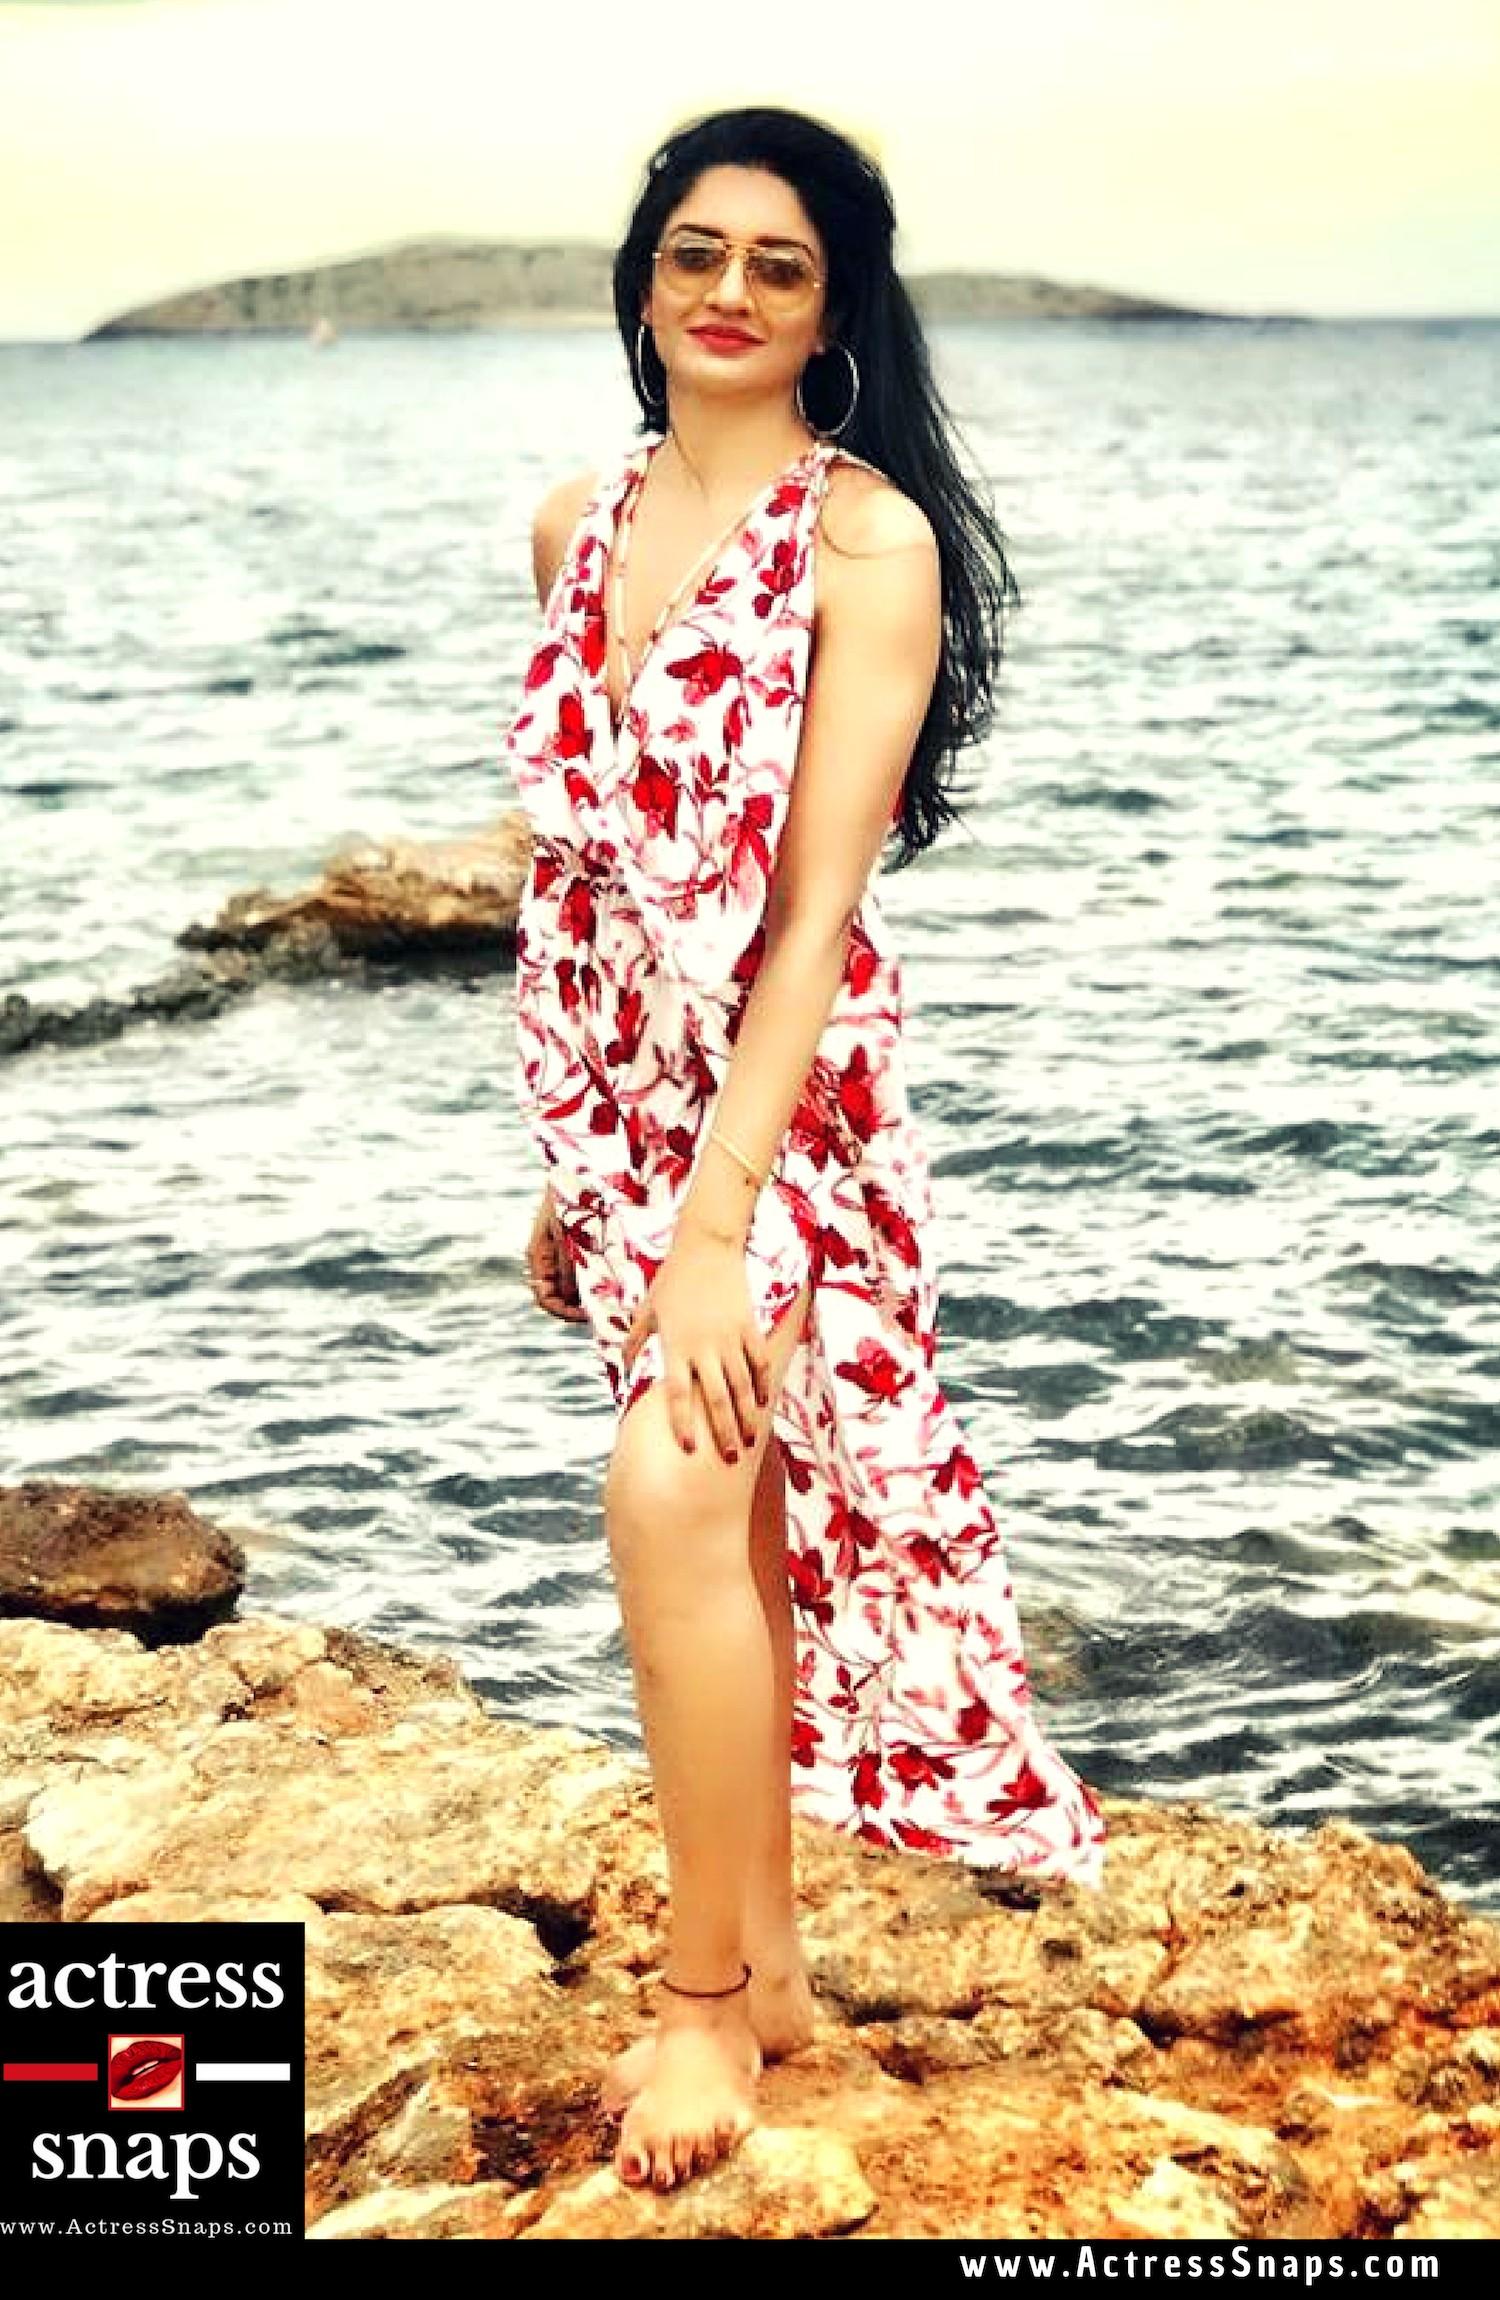 Vimala Raman - Sexy Photos at the Beach - Sexy Actress Pictures | Hot Actress Pictures - ActressSnaps.com